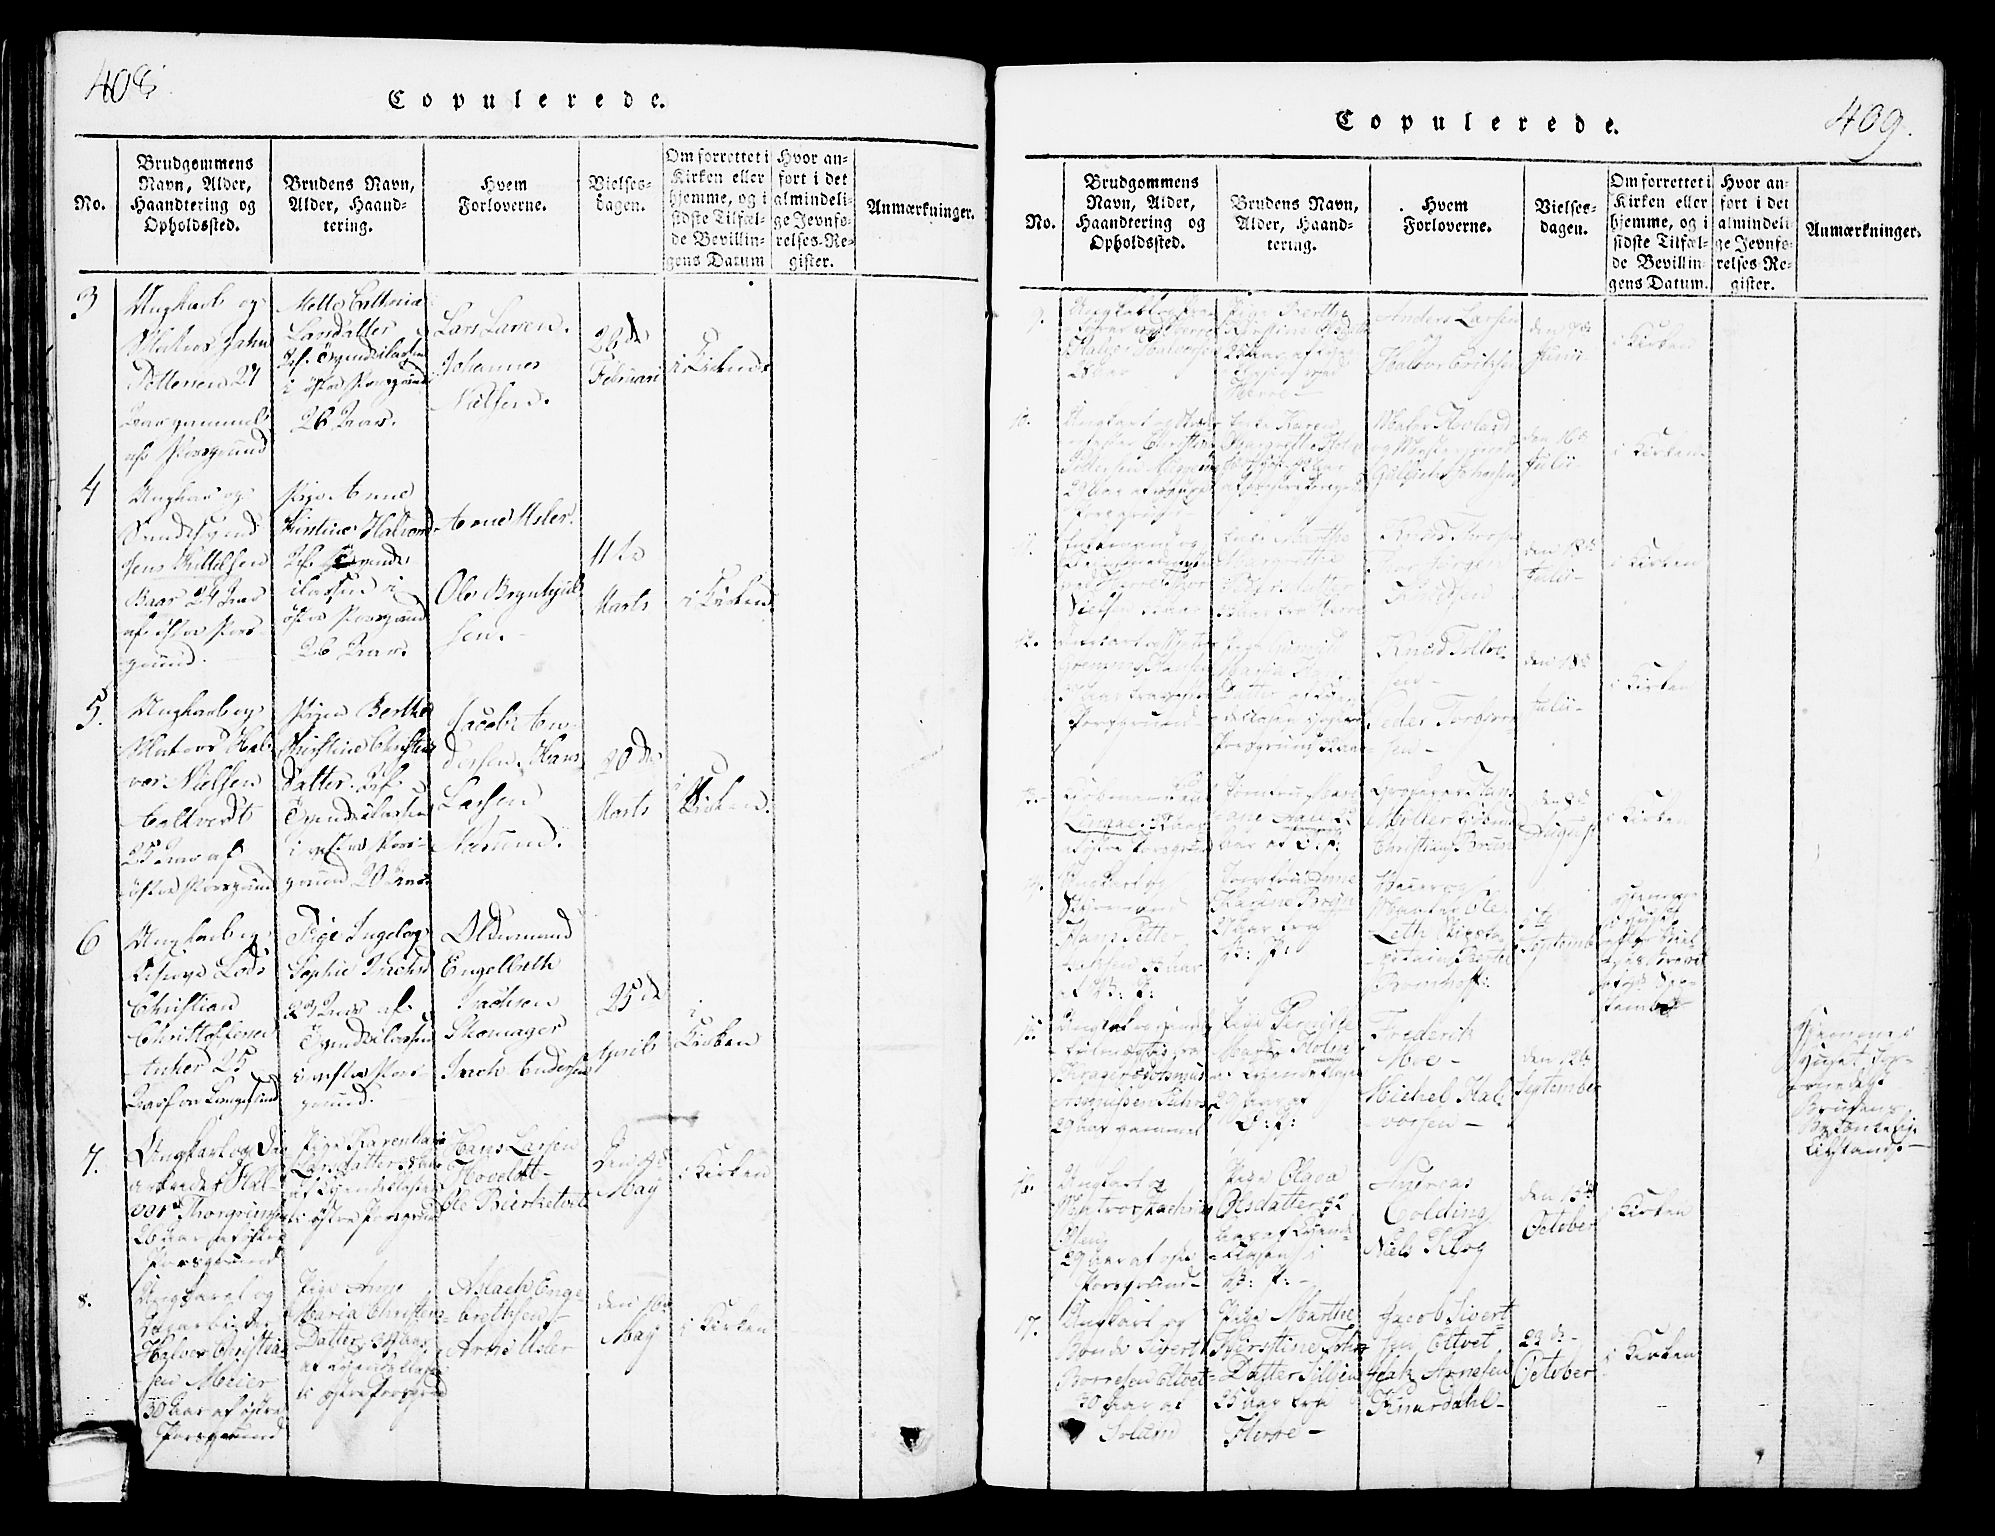 SAKO, Porsgrunn kirkebøker , G/Gb/L0001: Klokkerbok nr. II 1, 1817-1828, s. 408-409